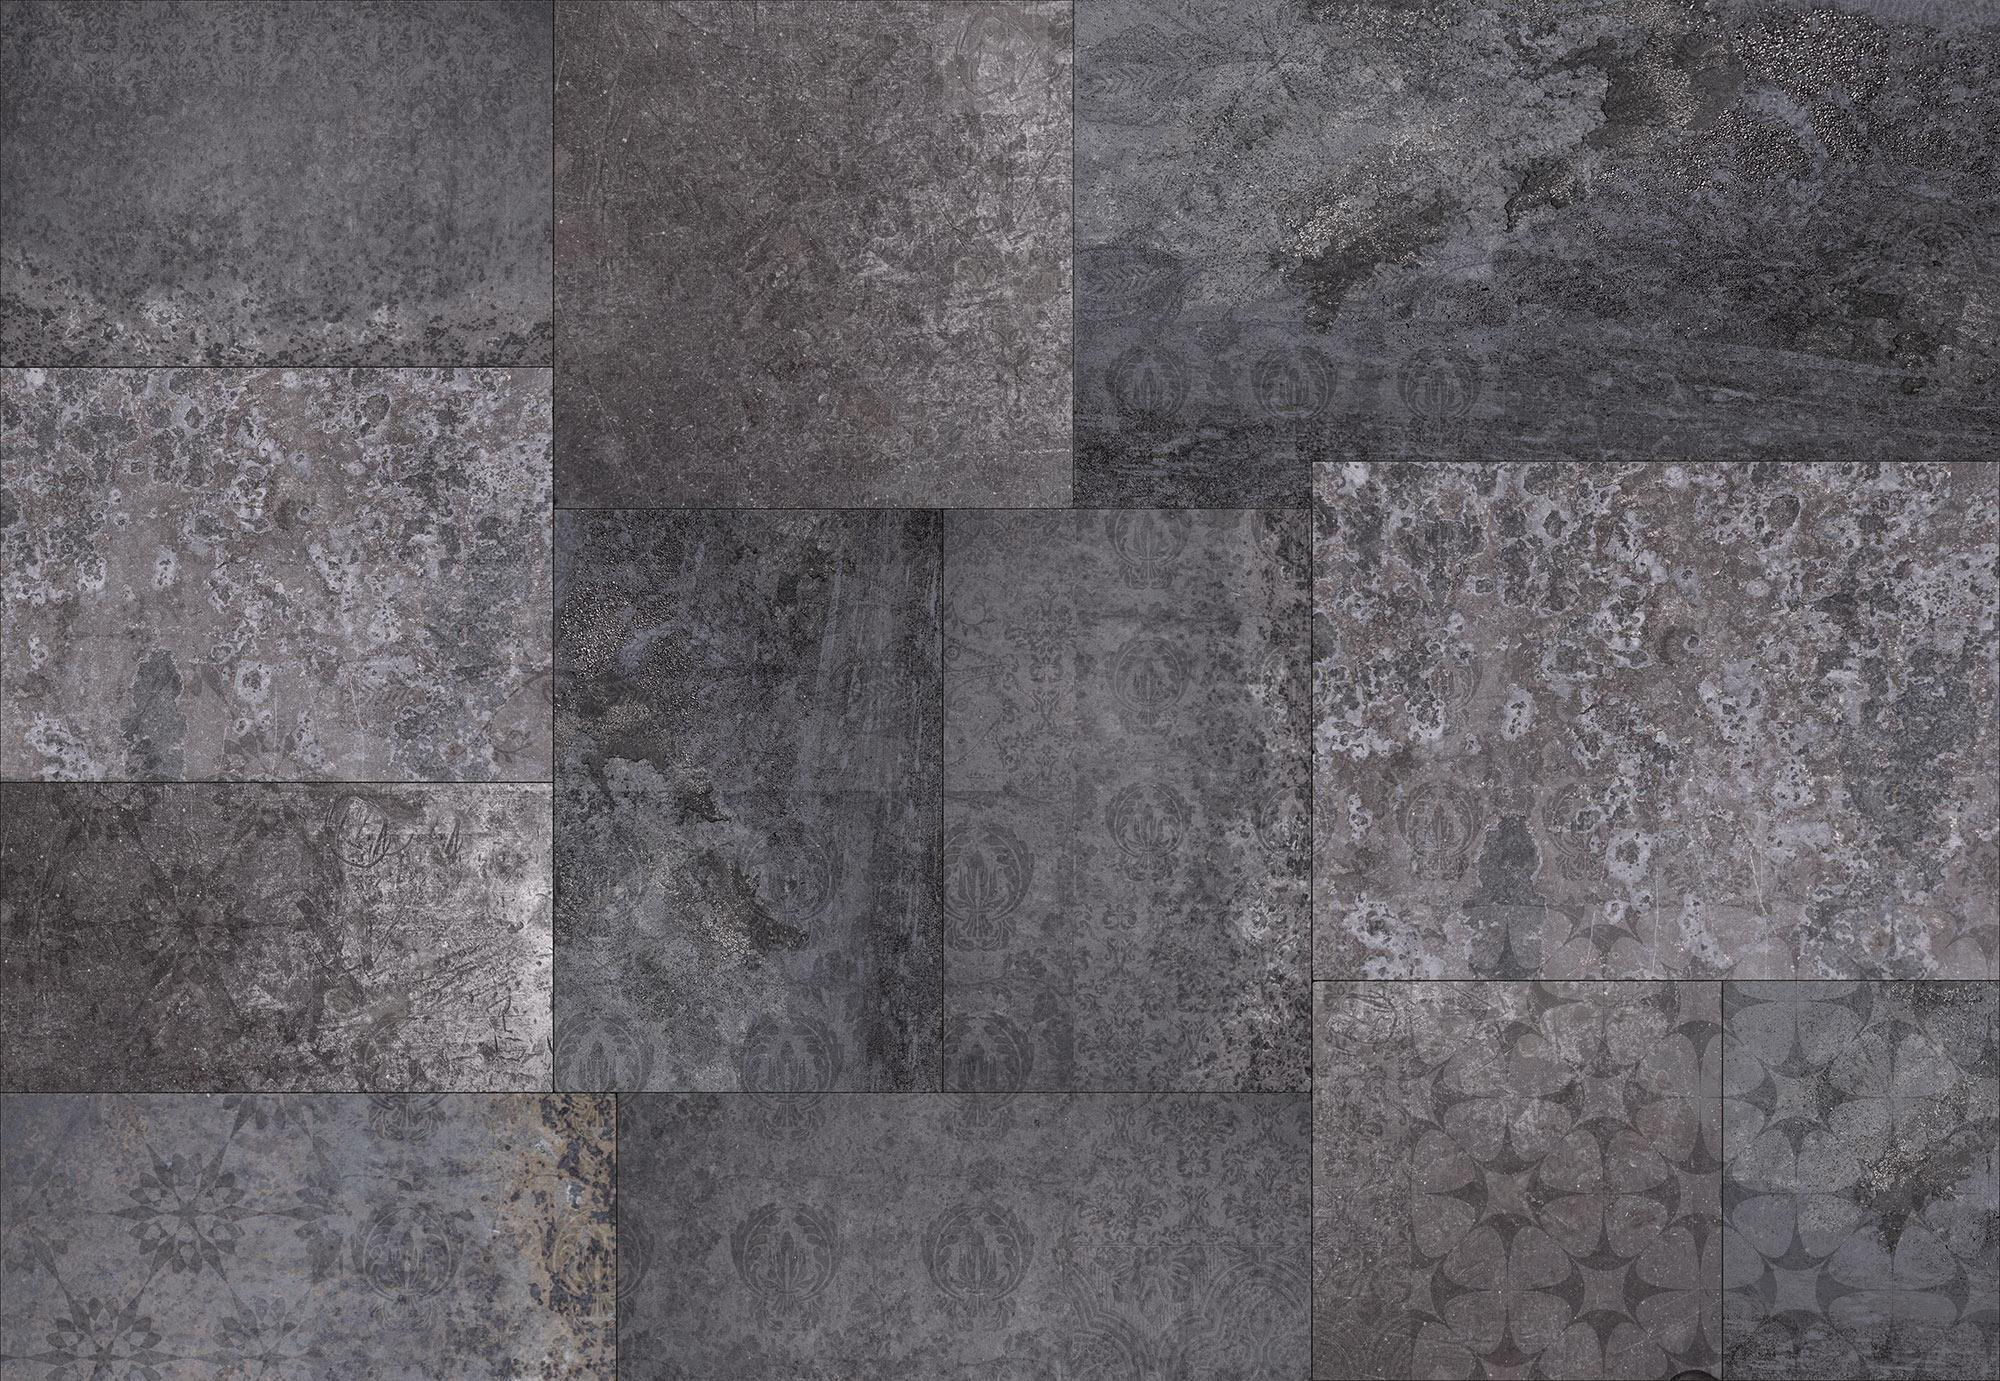 Фотообои Komar Черная амбра, 368 см х 2,48 м, флизелиновые фотообои флизелиновые московская обойная фабрика озеро в горах 200 х 270 см